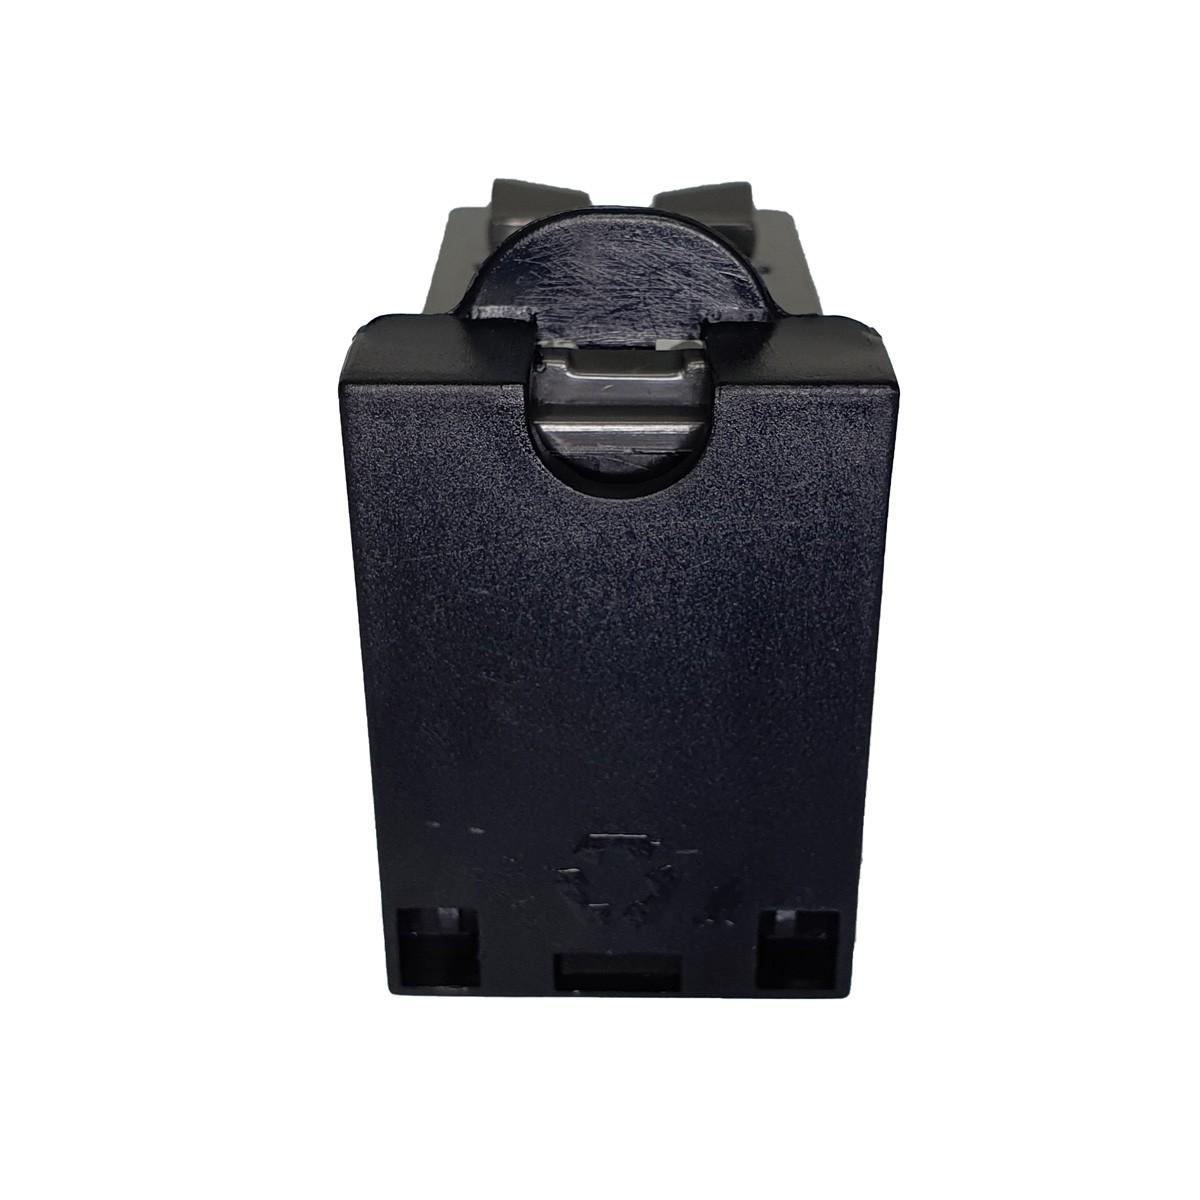 Cartucho MJ 21 27 56 Compatível C9351al Preto para D1360 F4180 D1455 da HP